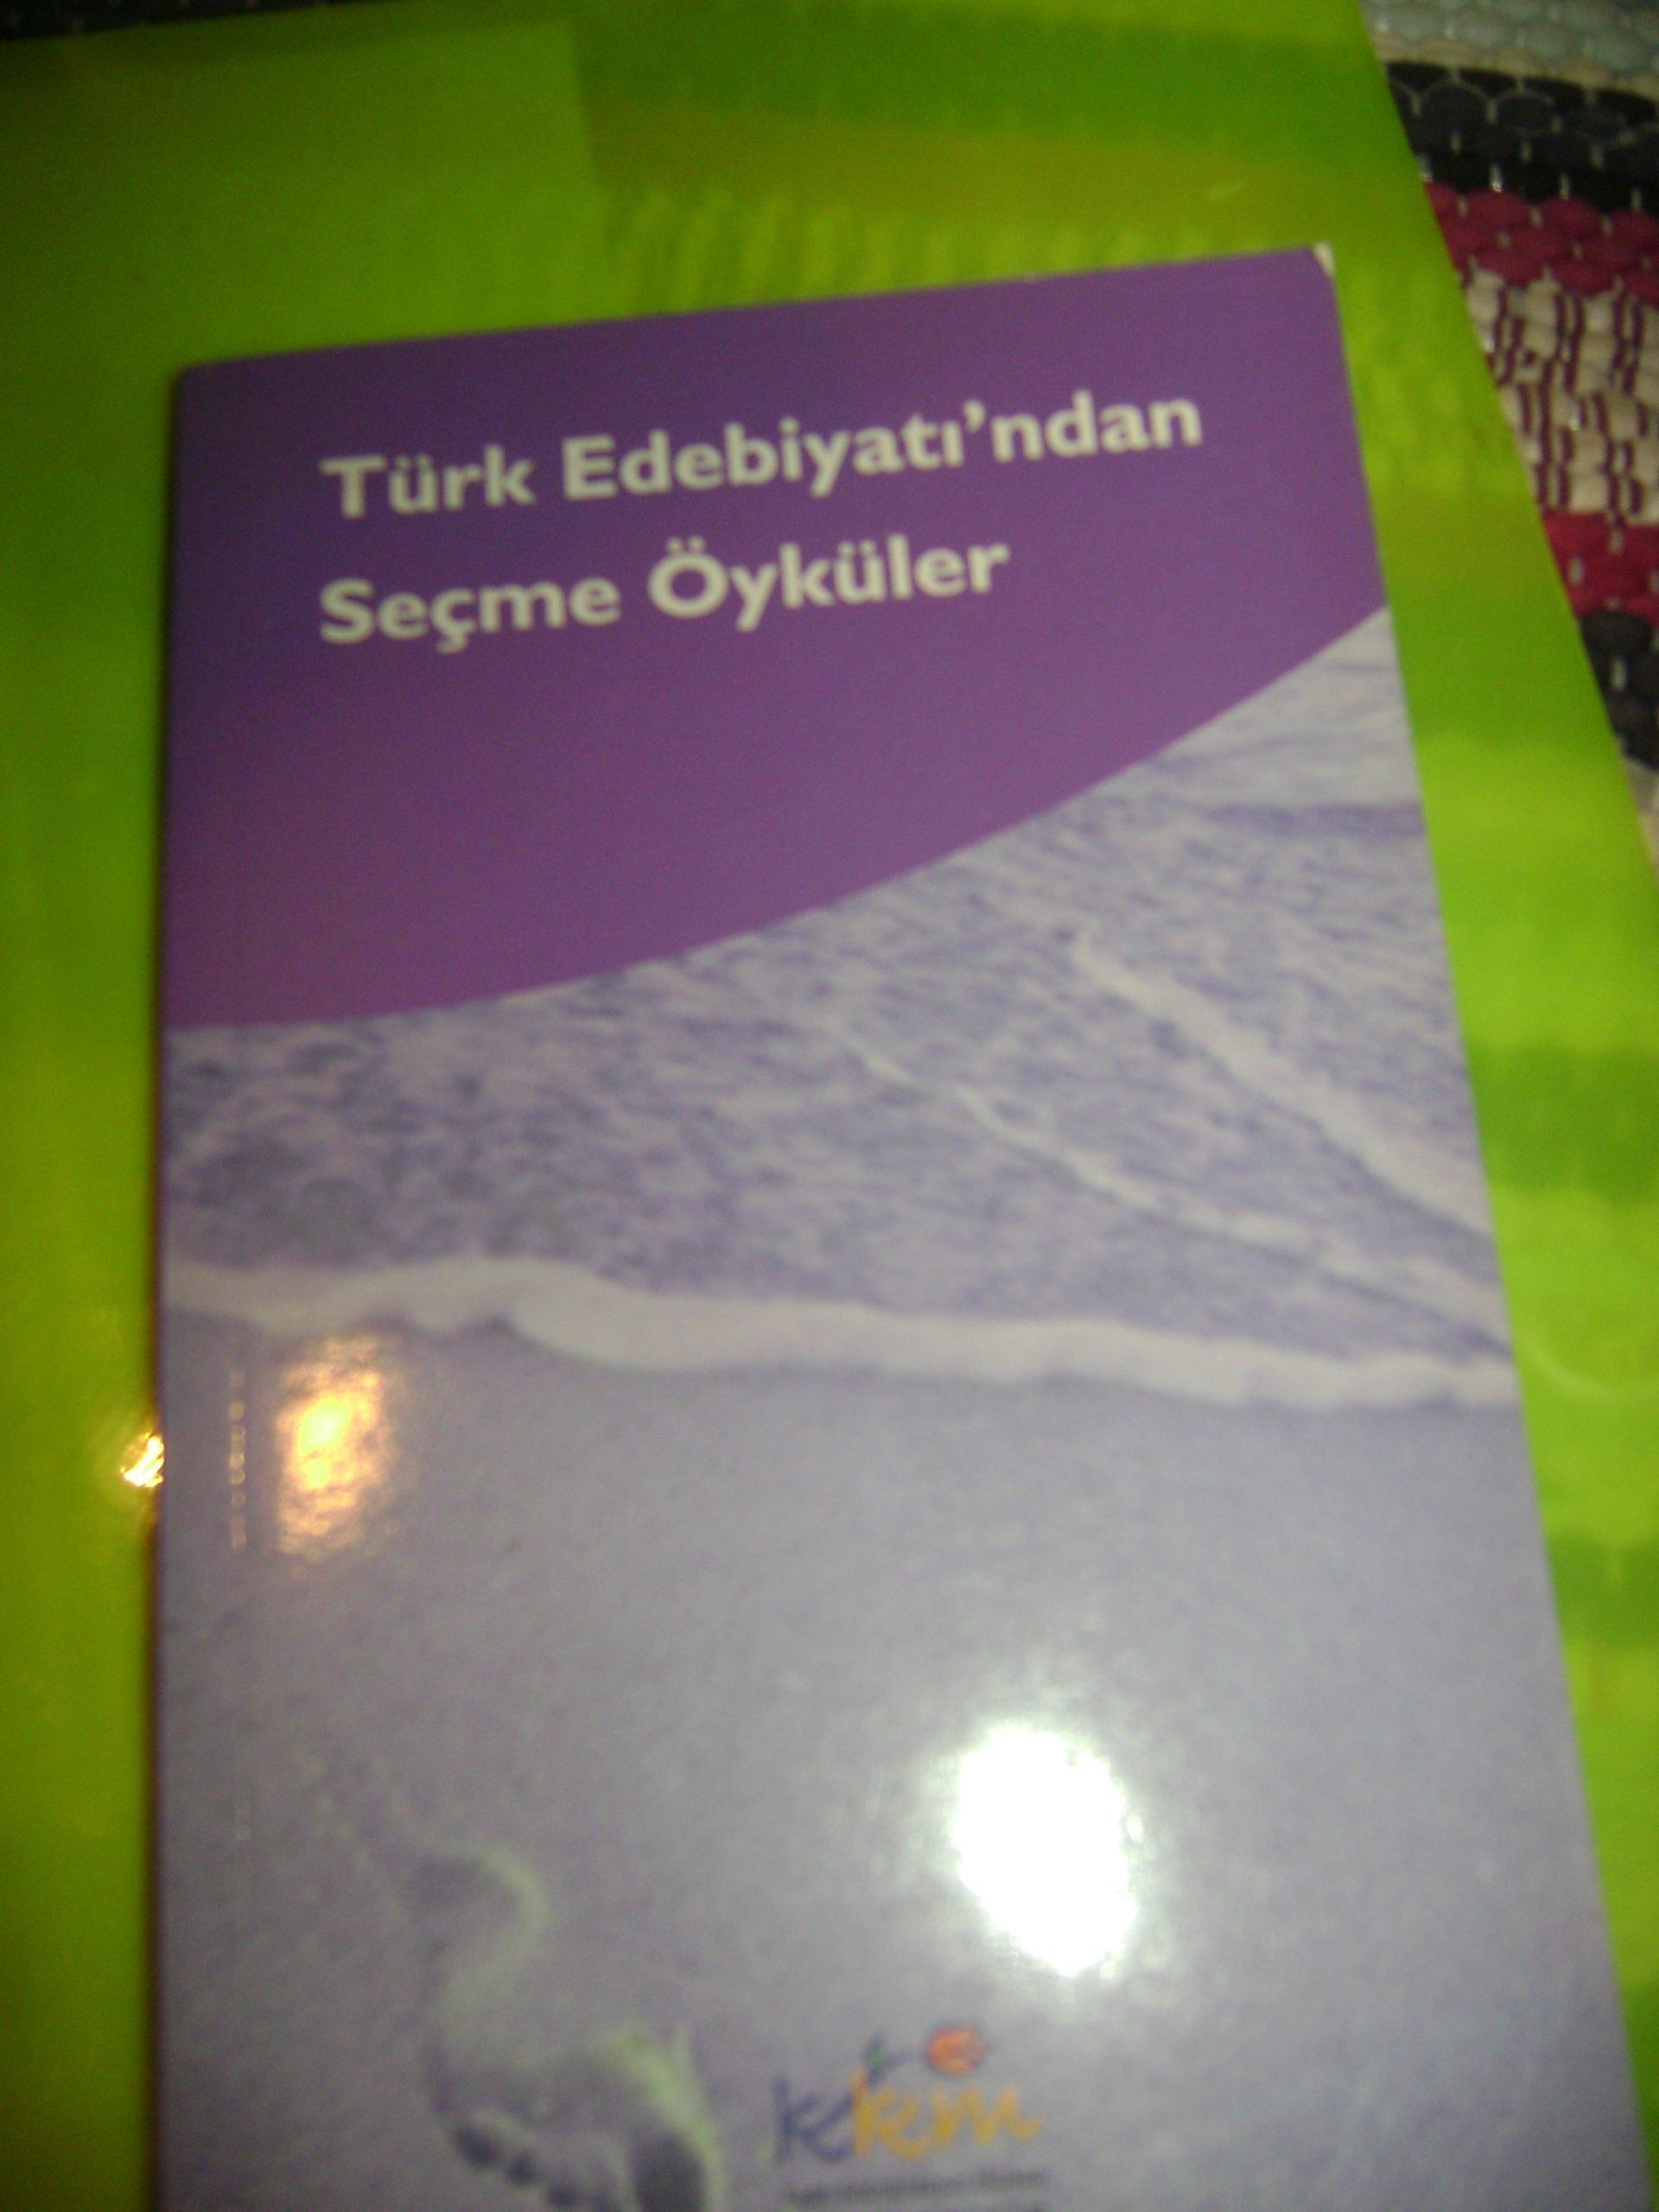 Türk edebiyatından seçme öyküler/ 10 tl